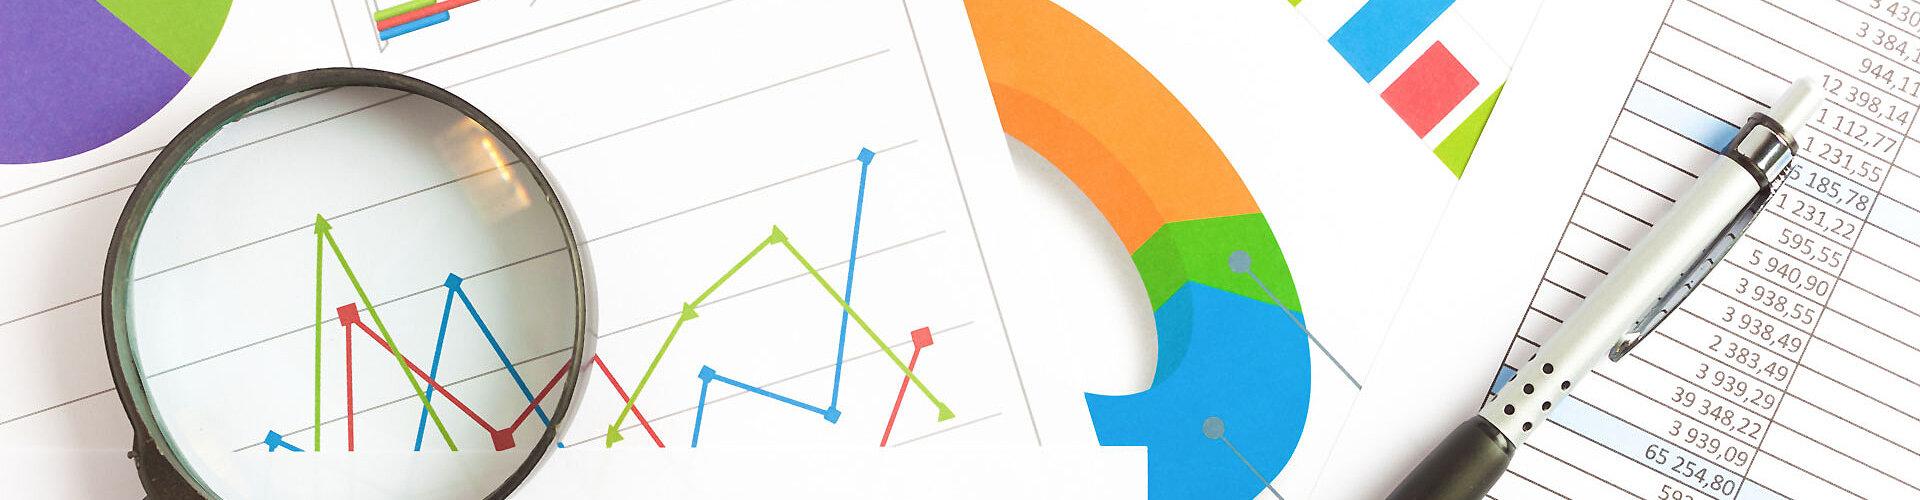 Diagramme und Tabellen zur Illustration von Marketing